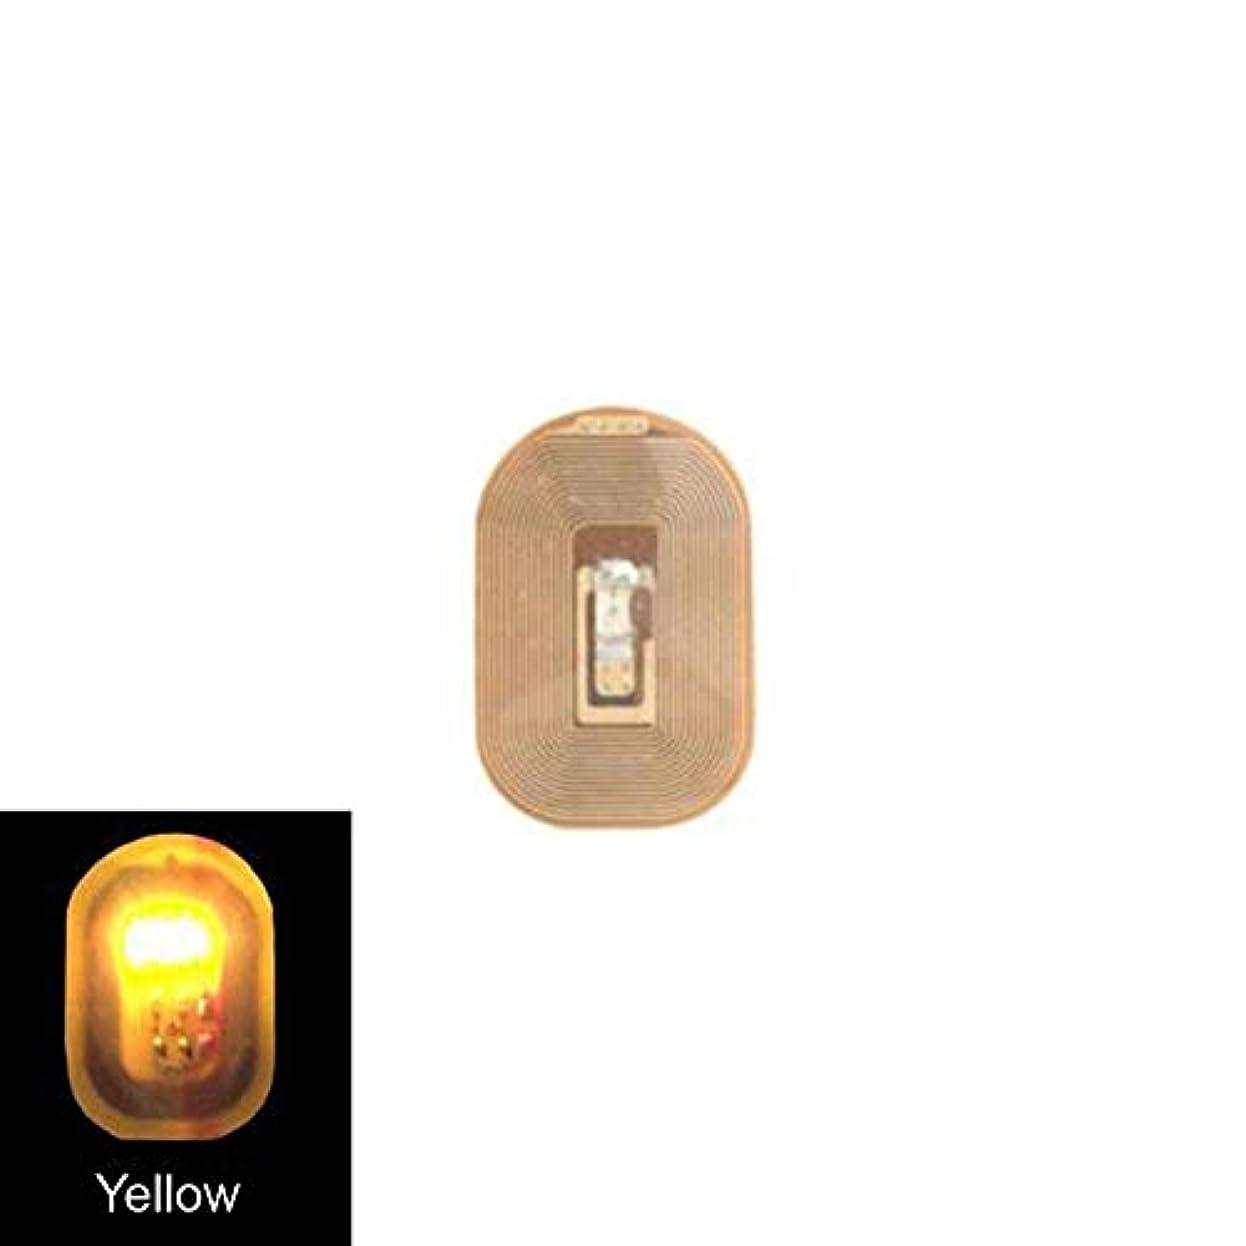 九月インペリアルプランターACHICOO ネイルアートステッカー NFC ネイルアート LEDライト ステッカーデカール DIY アクセサリー yellow light